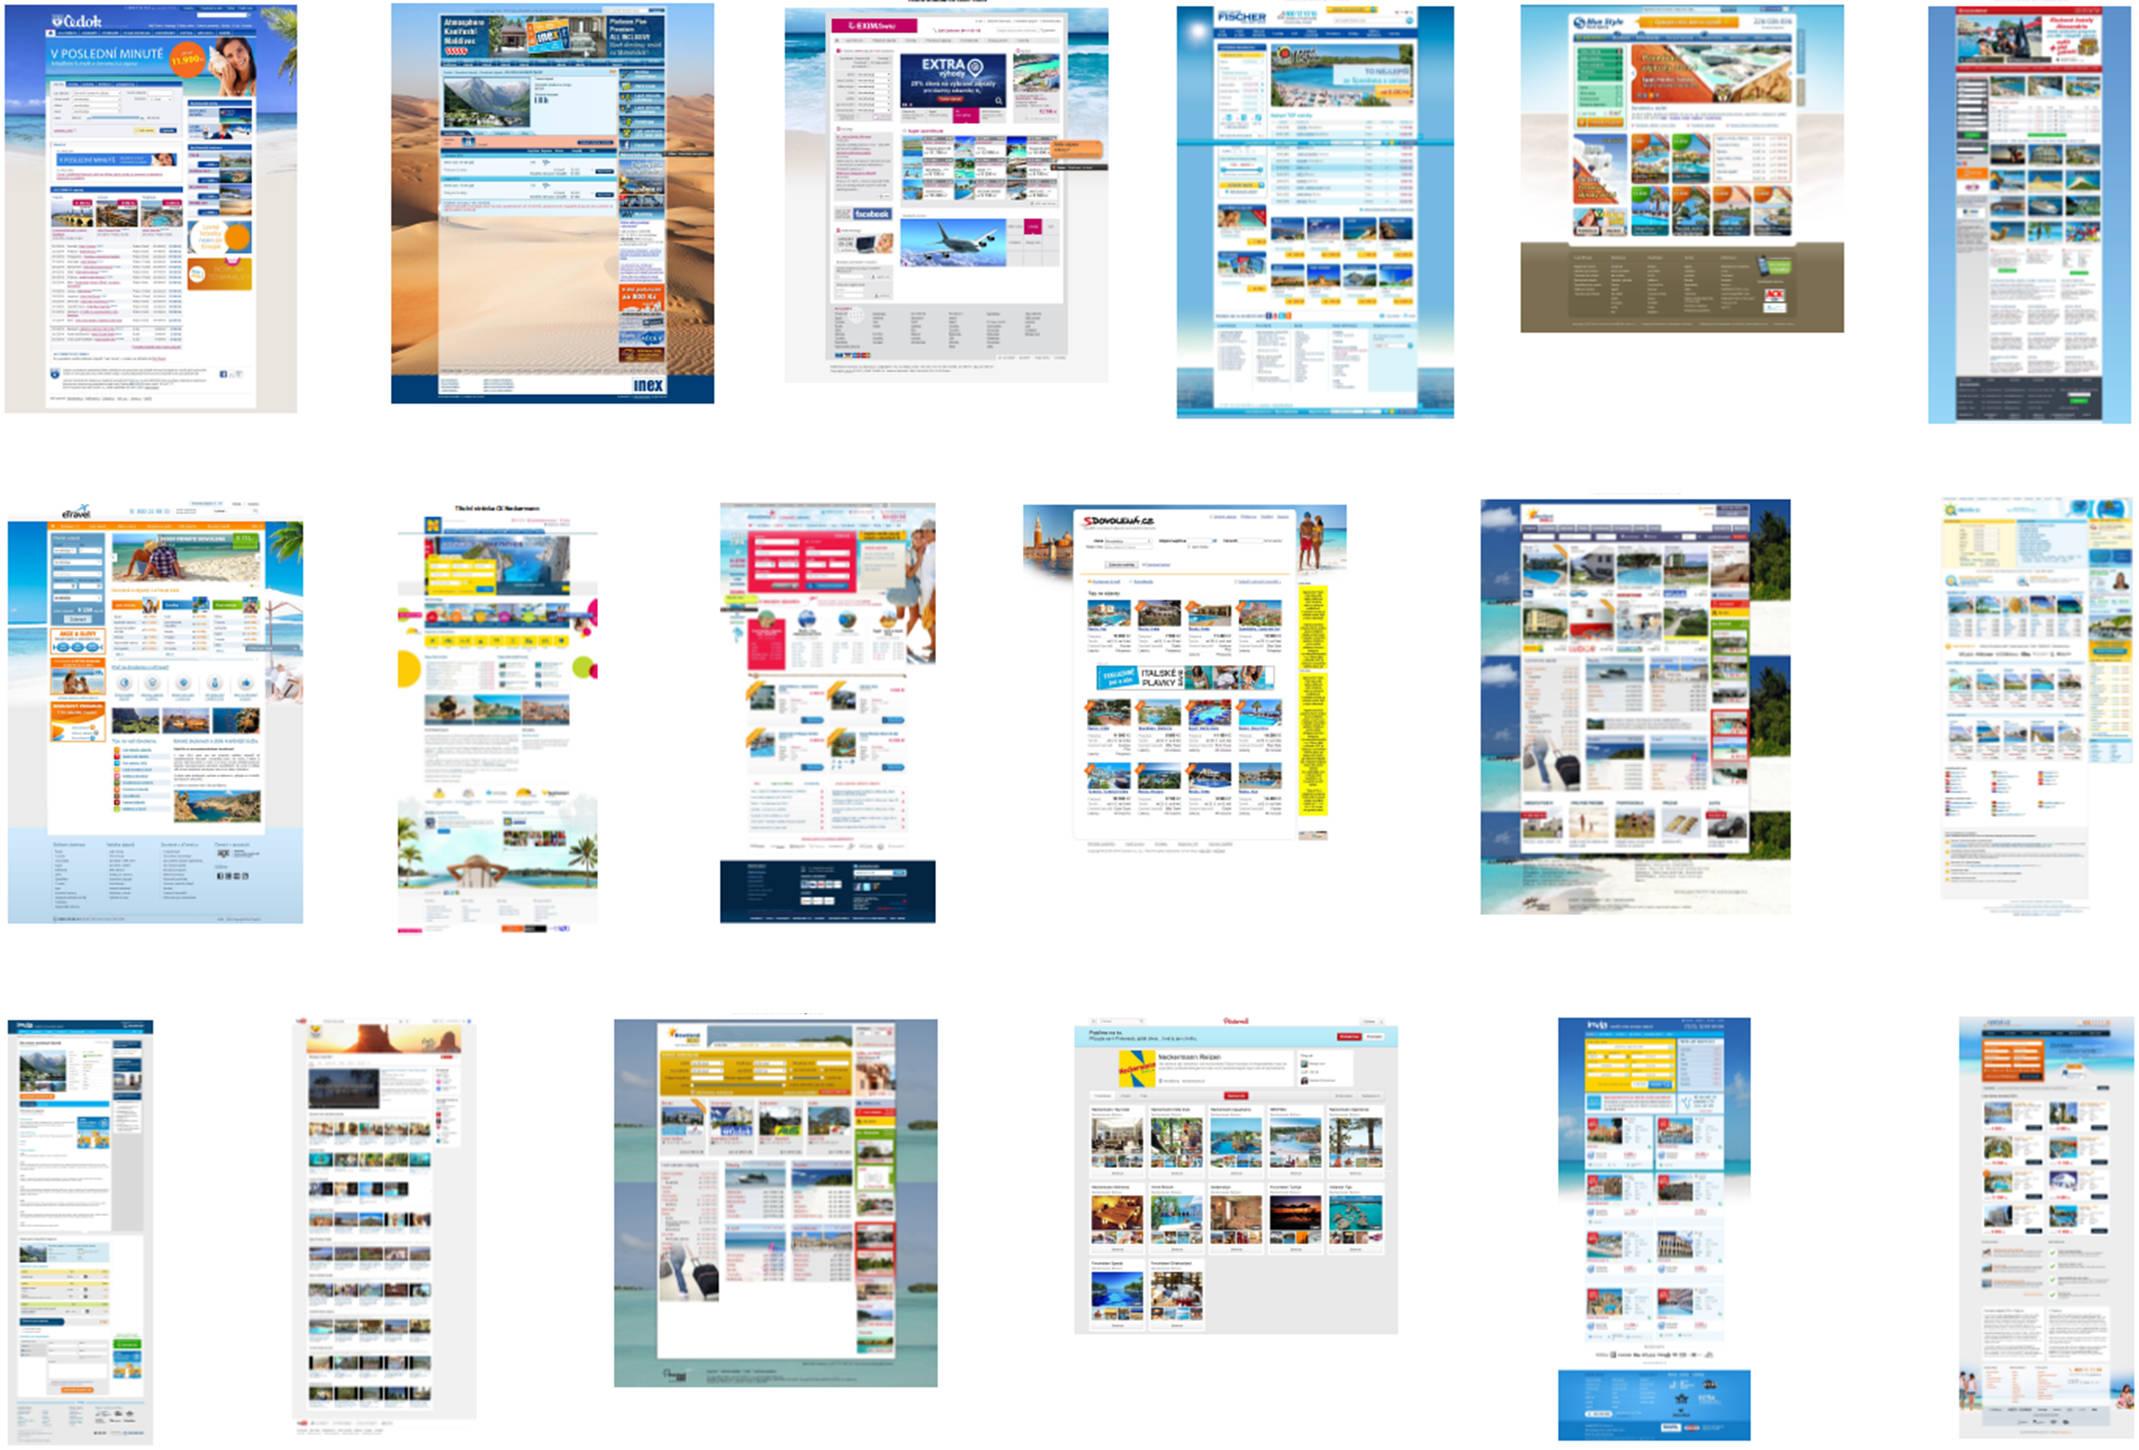 Analýza konkurenčních webů ukáže, jaký je na trhu stav. Vědět, co dělají ostatní, je velmi důležité. Inspirujte se!